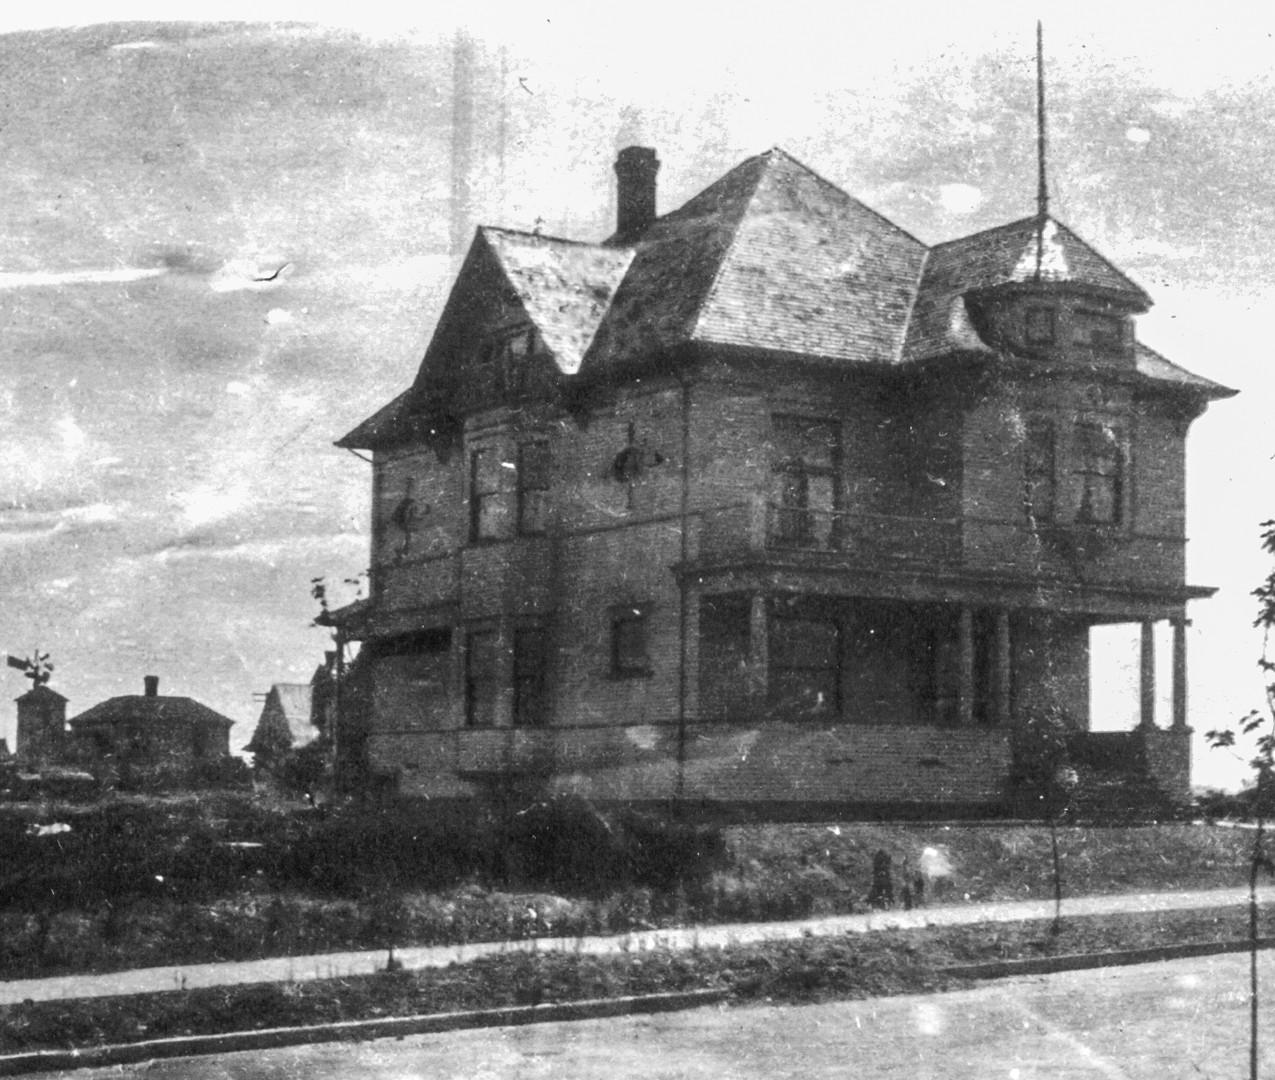 1421 E Valley St circa 1902